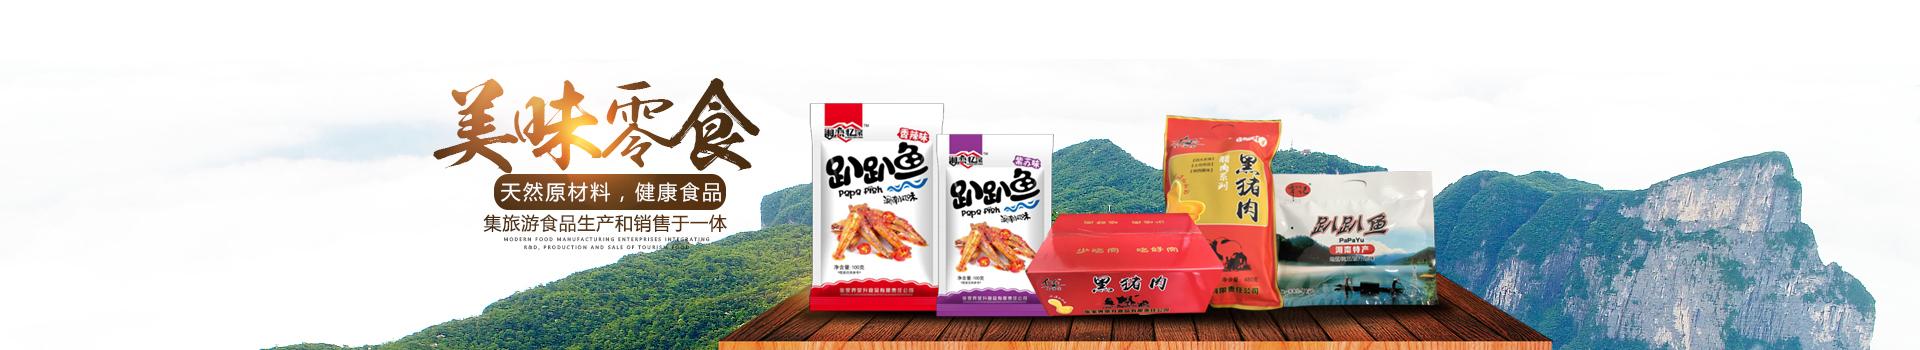 张家界荣升食品有限责任公司_湘西说球帝直播网生产销售|张家界特产